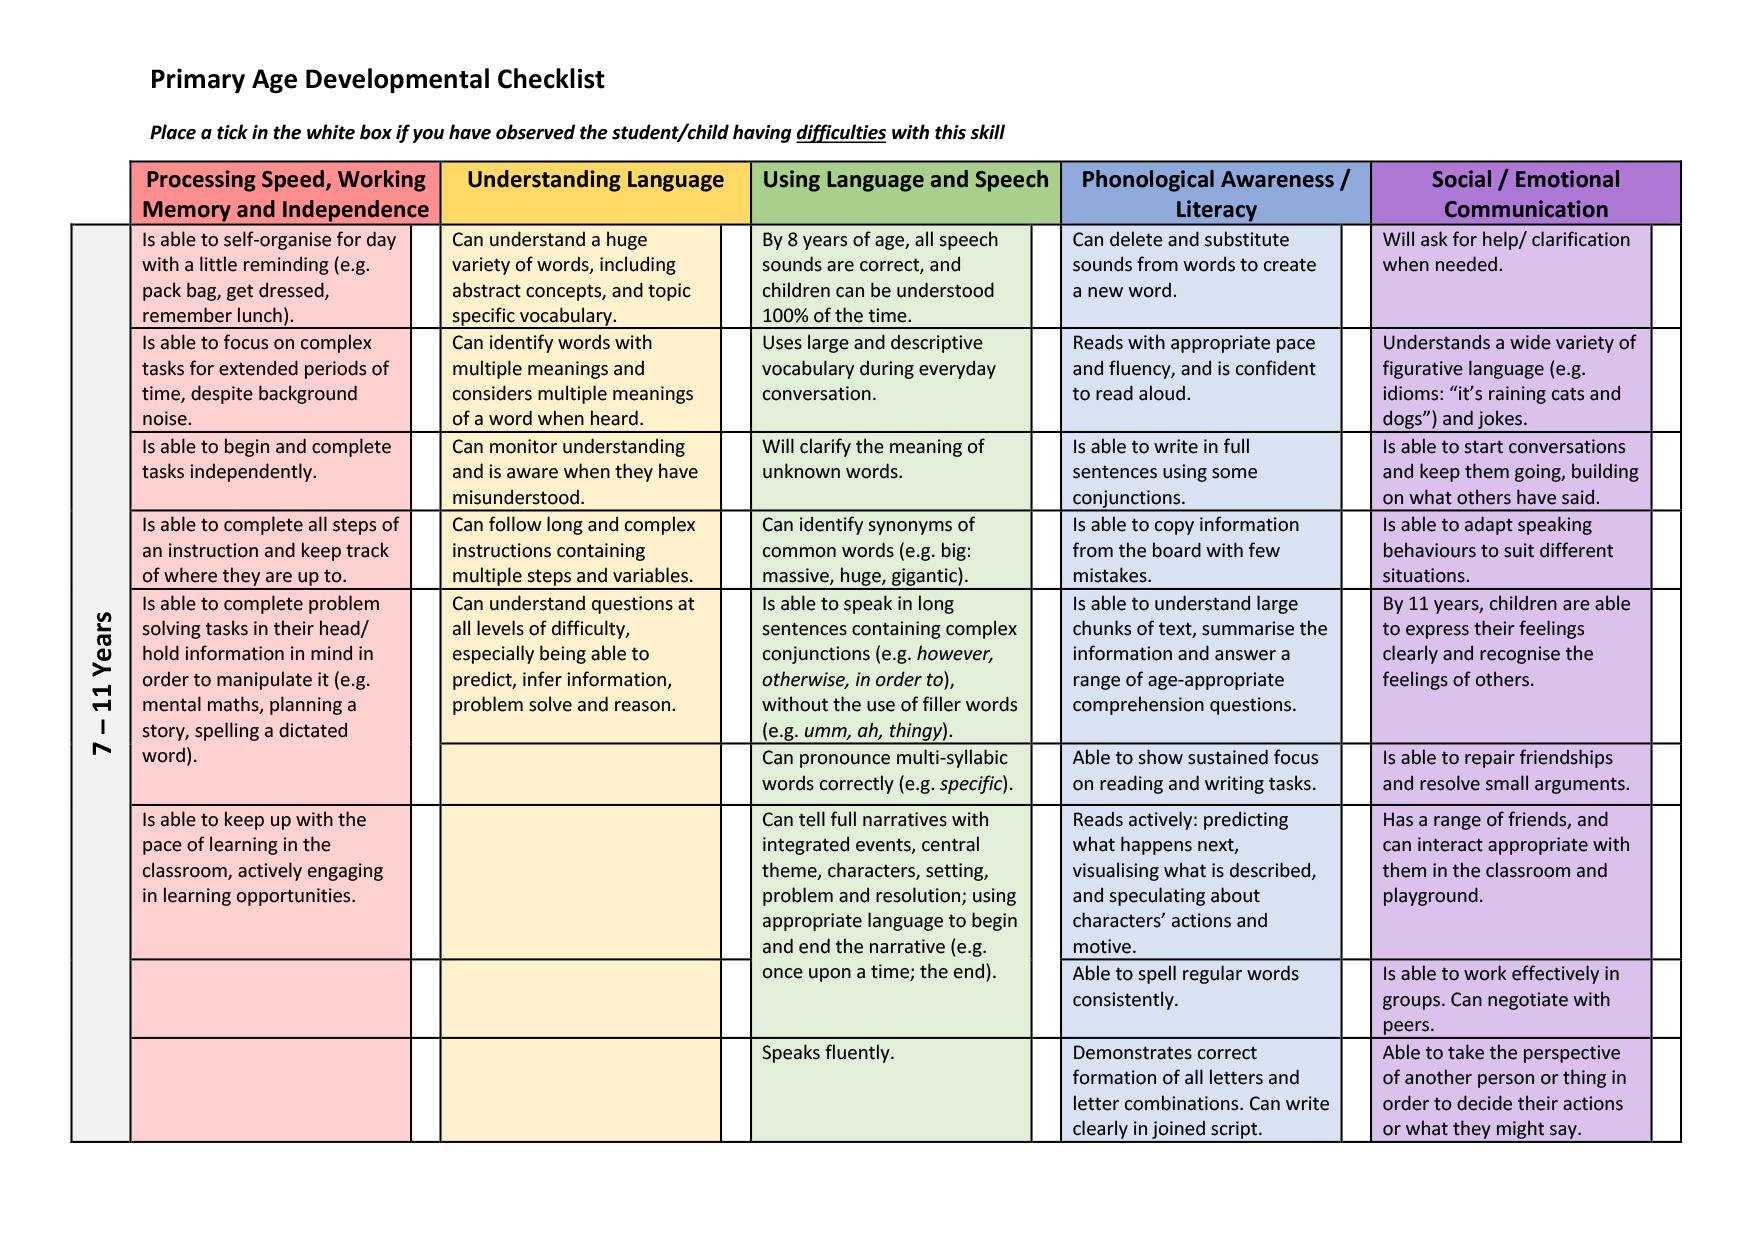 Primary Age Checklist Pg 2